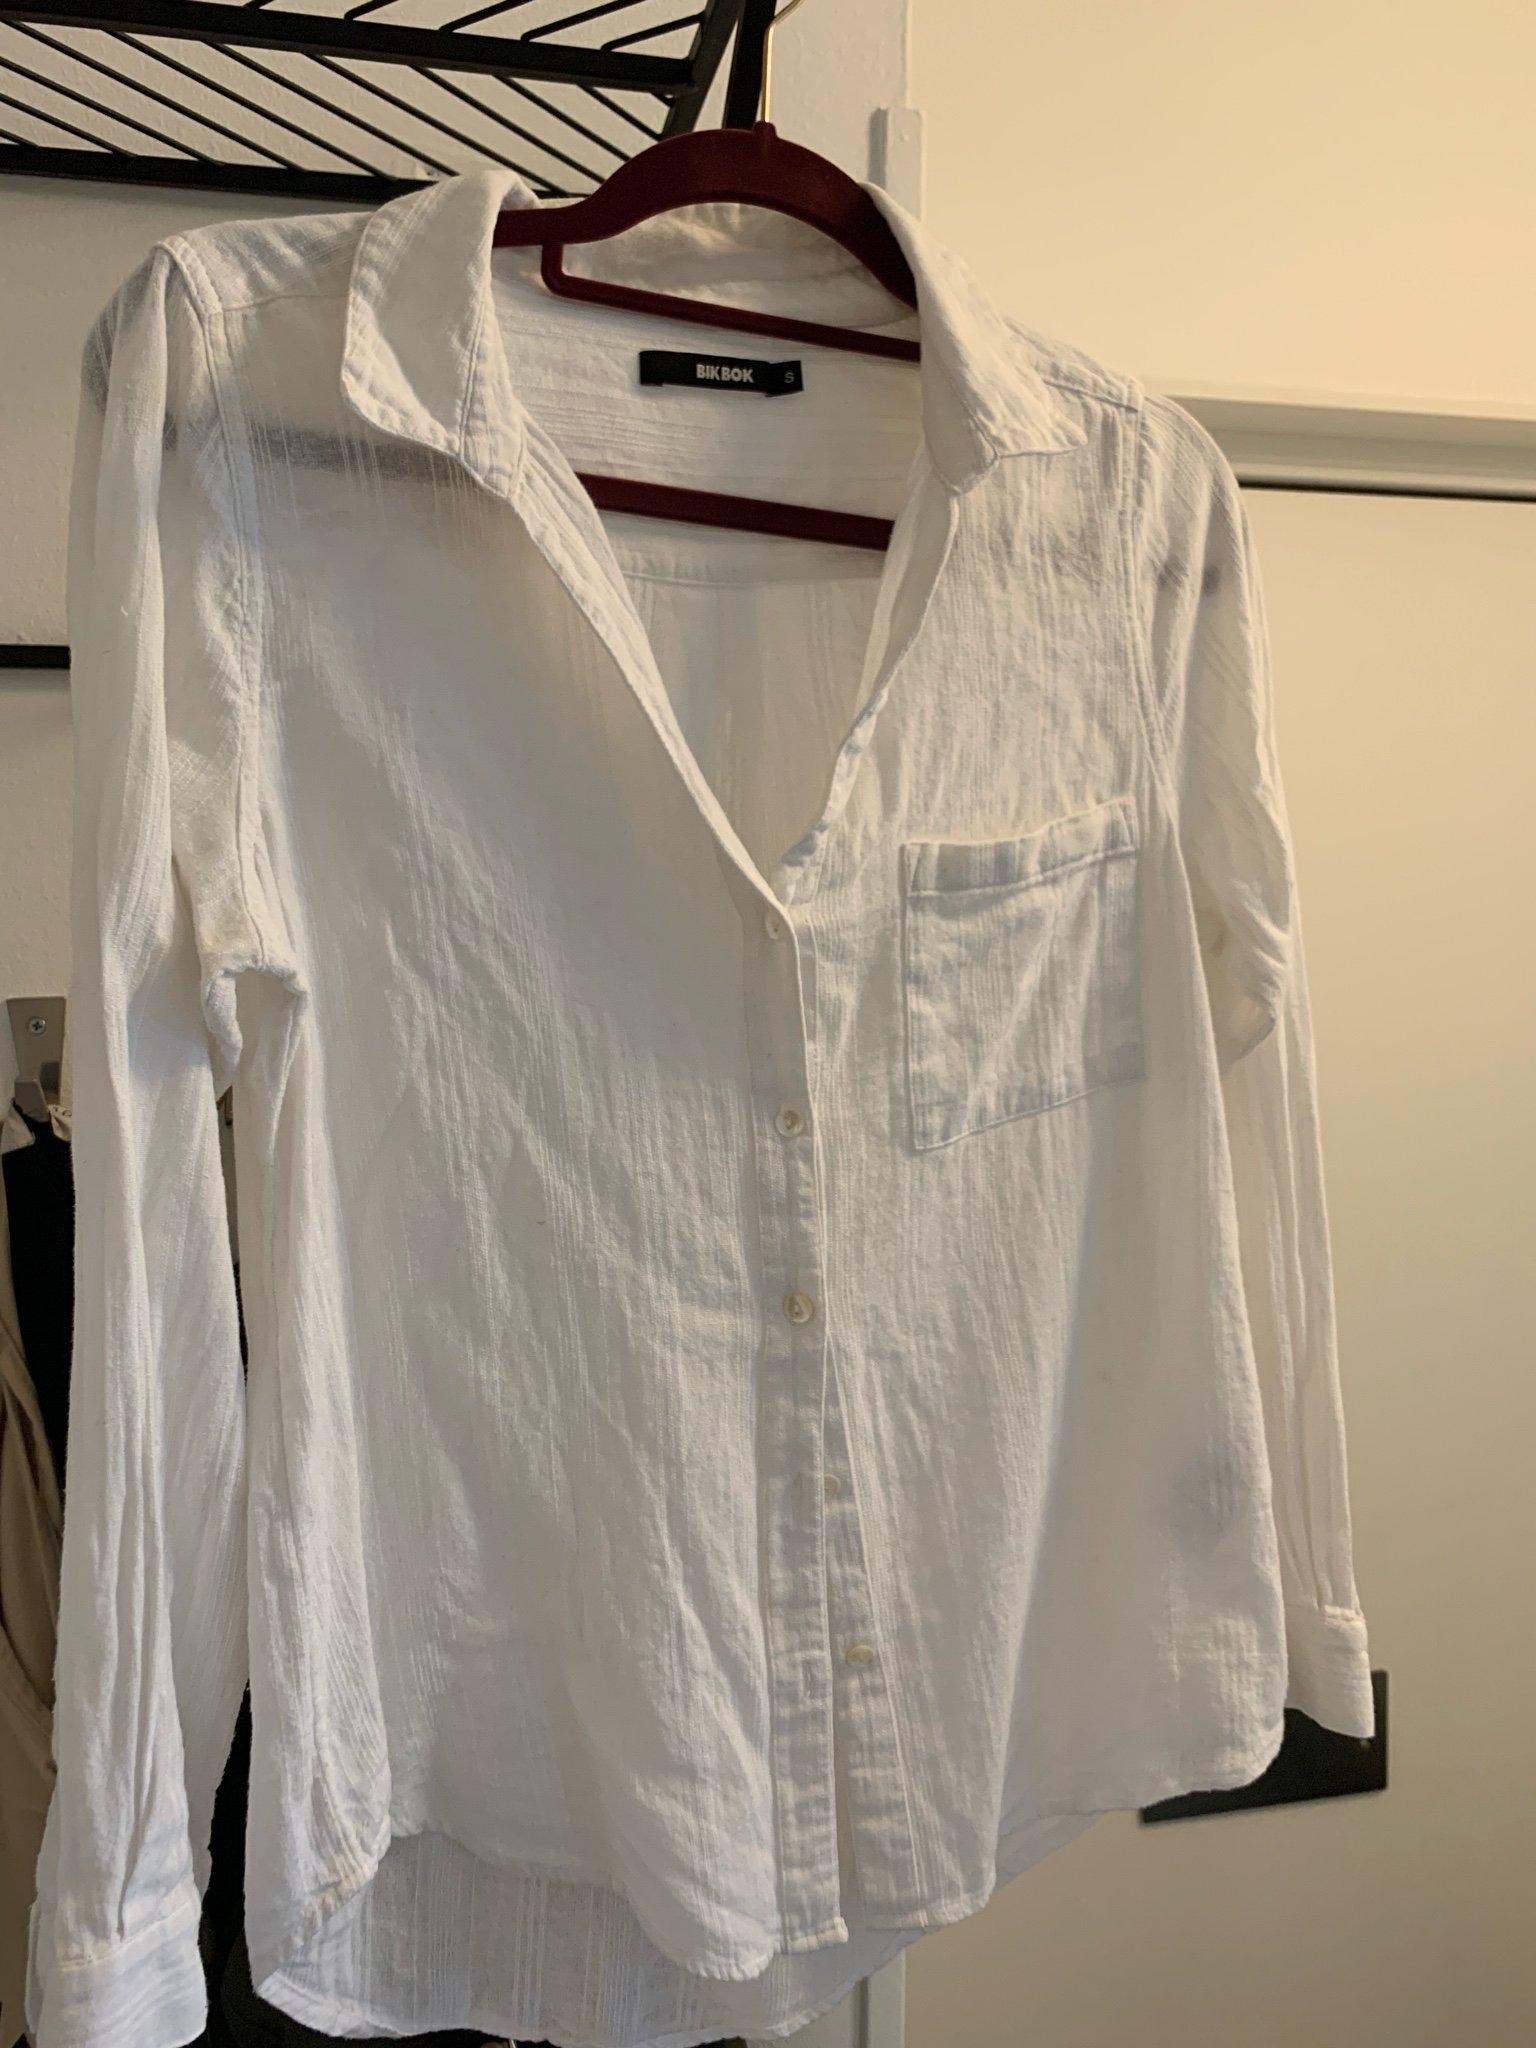 Skjorta i bomullspoplin | Damtröja, Blus och Vita skjortor